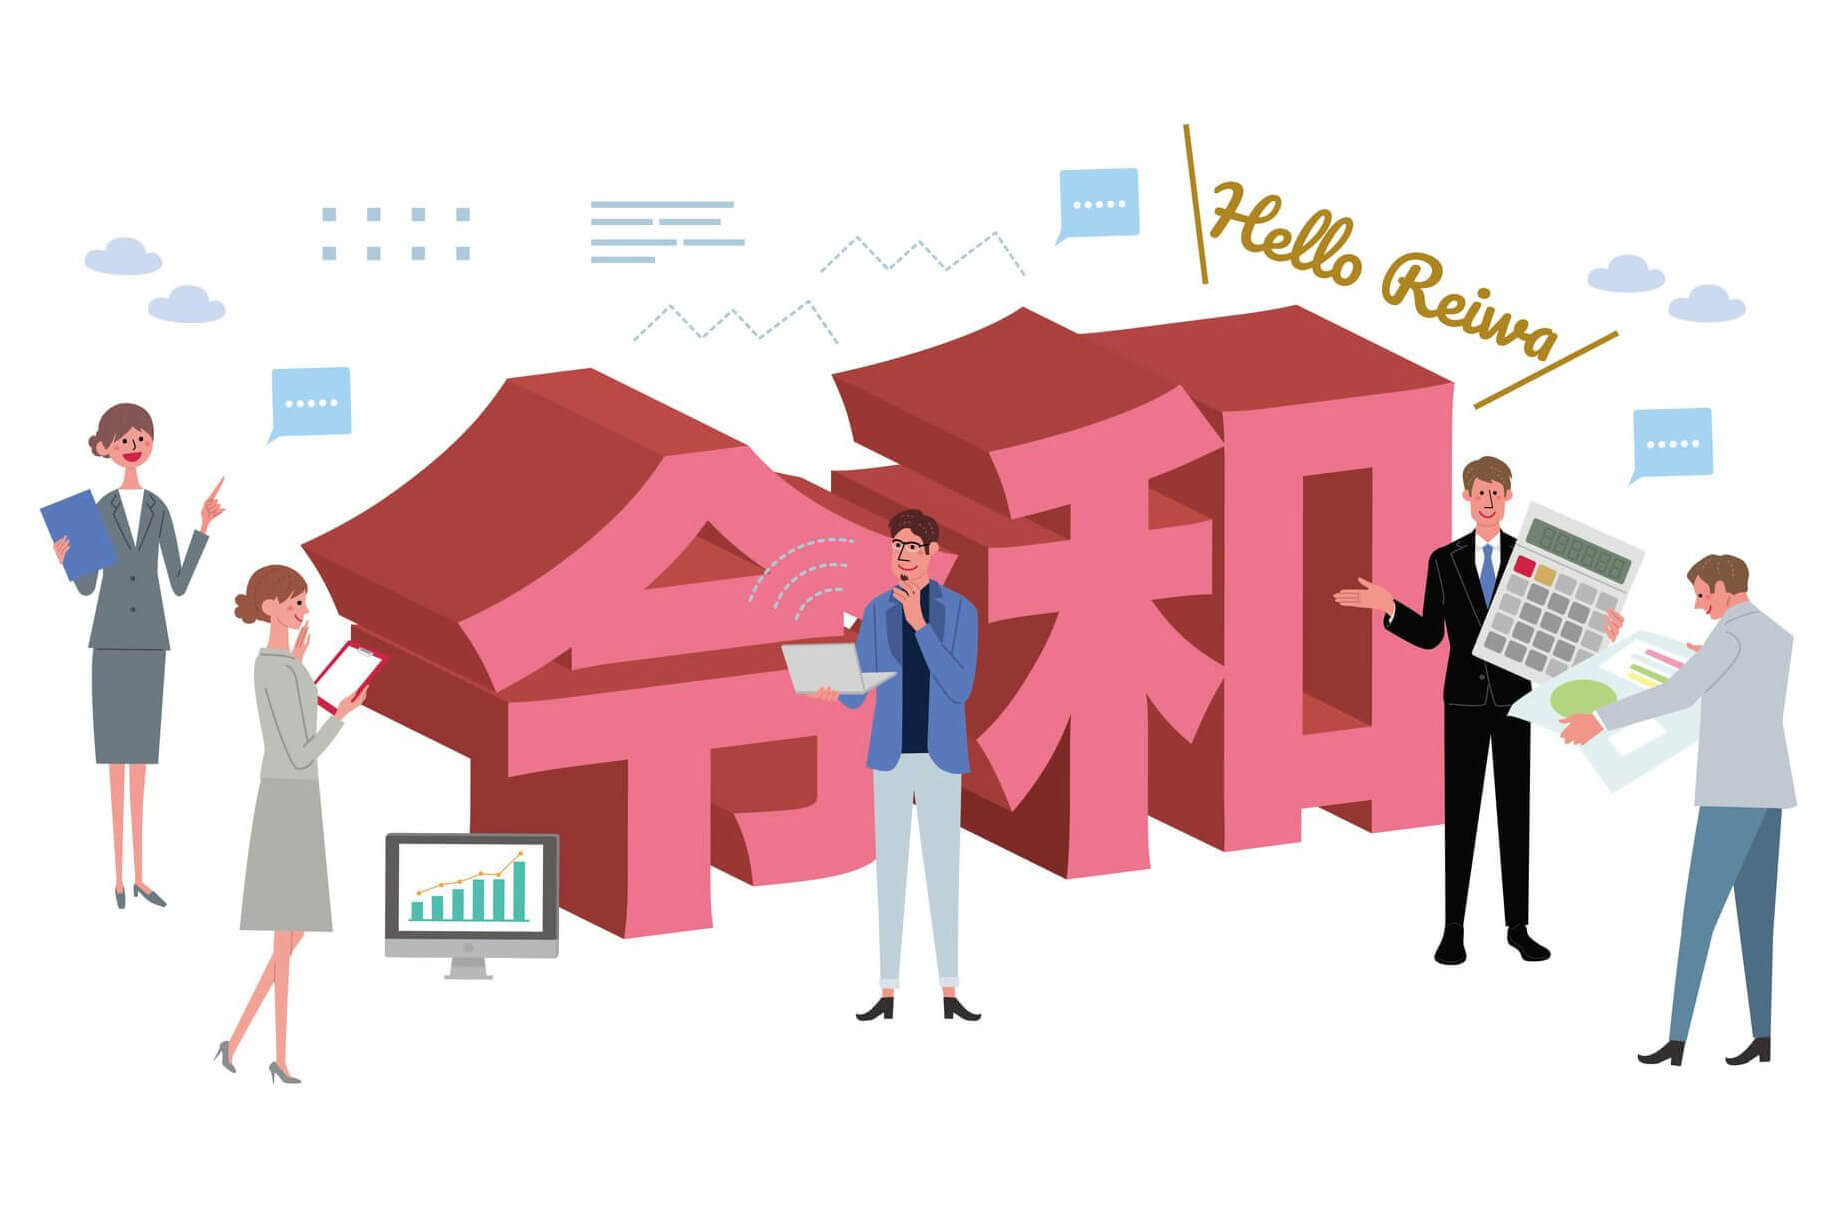 「昭和→平成」と「平成→令和」を  マーケティング目線で比べてみた